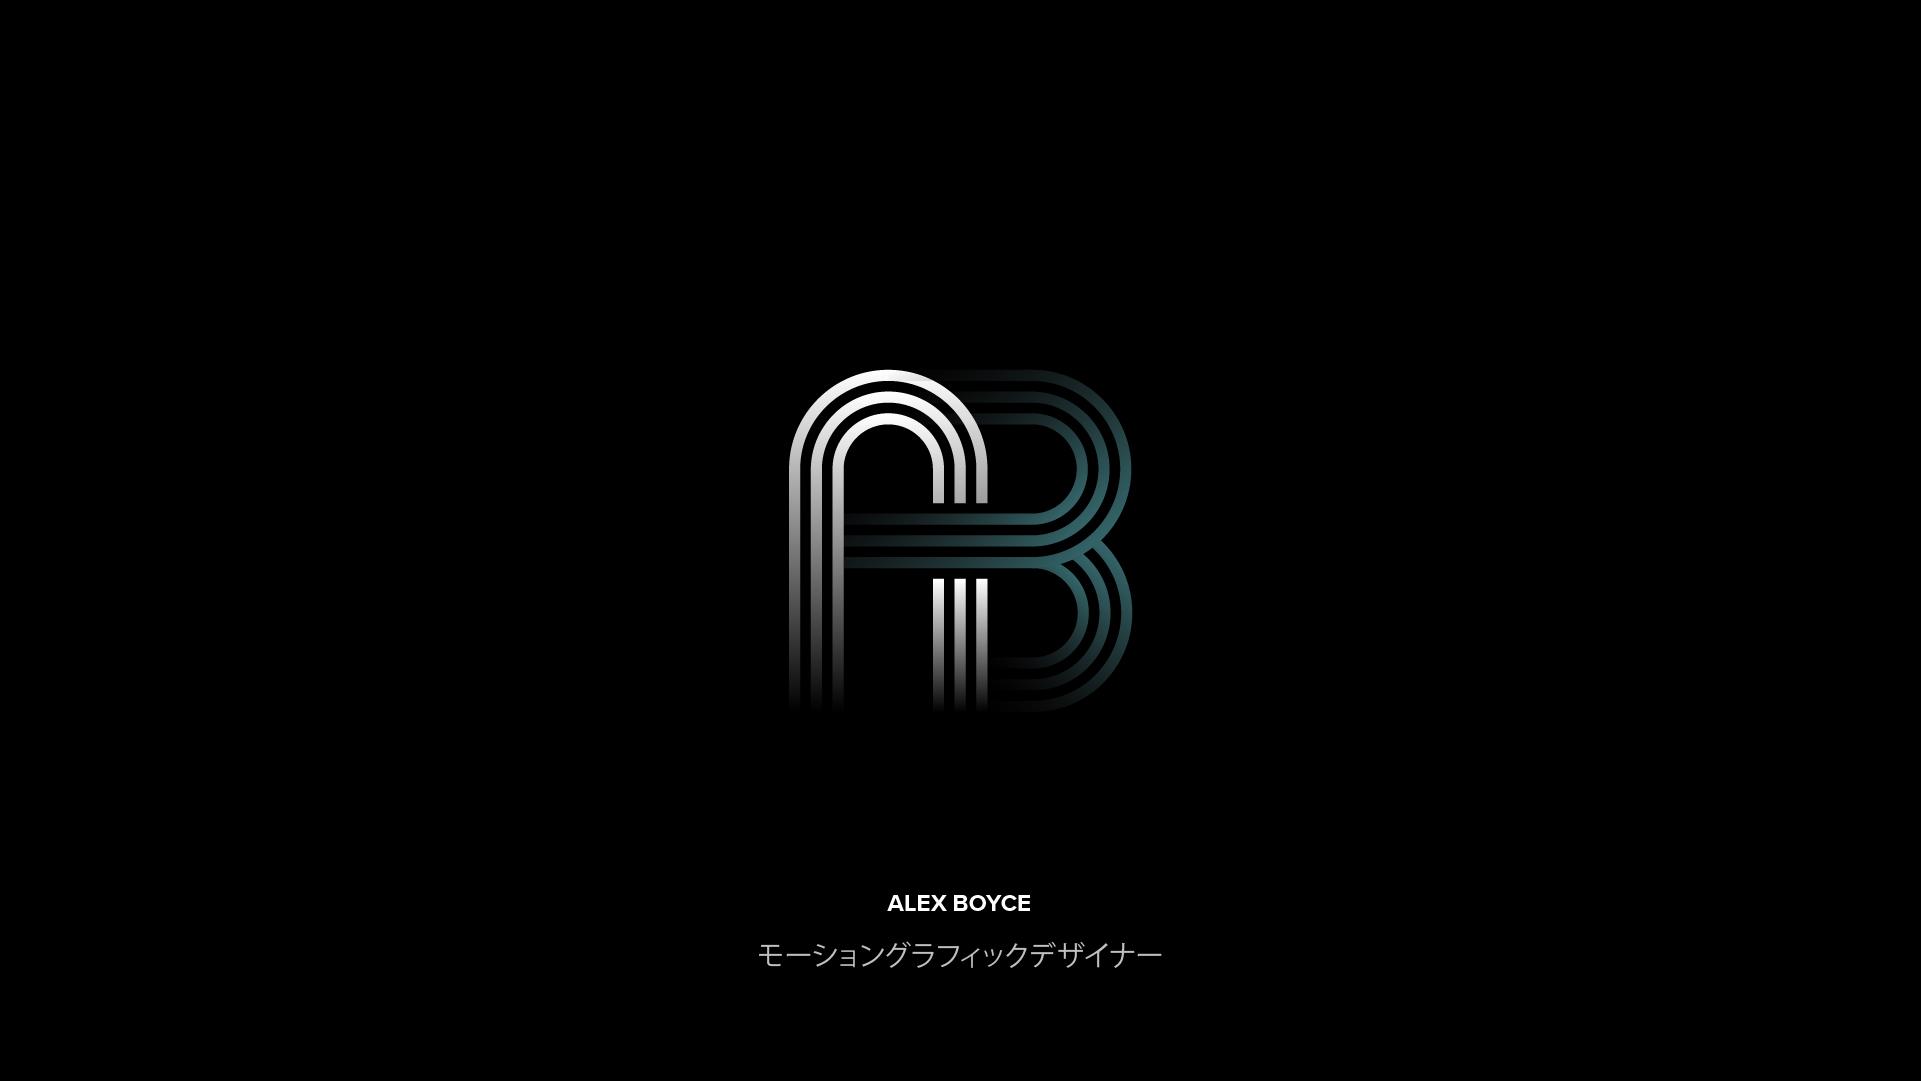 AB_Rebrand_v017-20.jpg